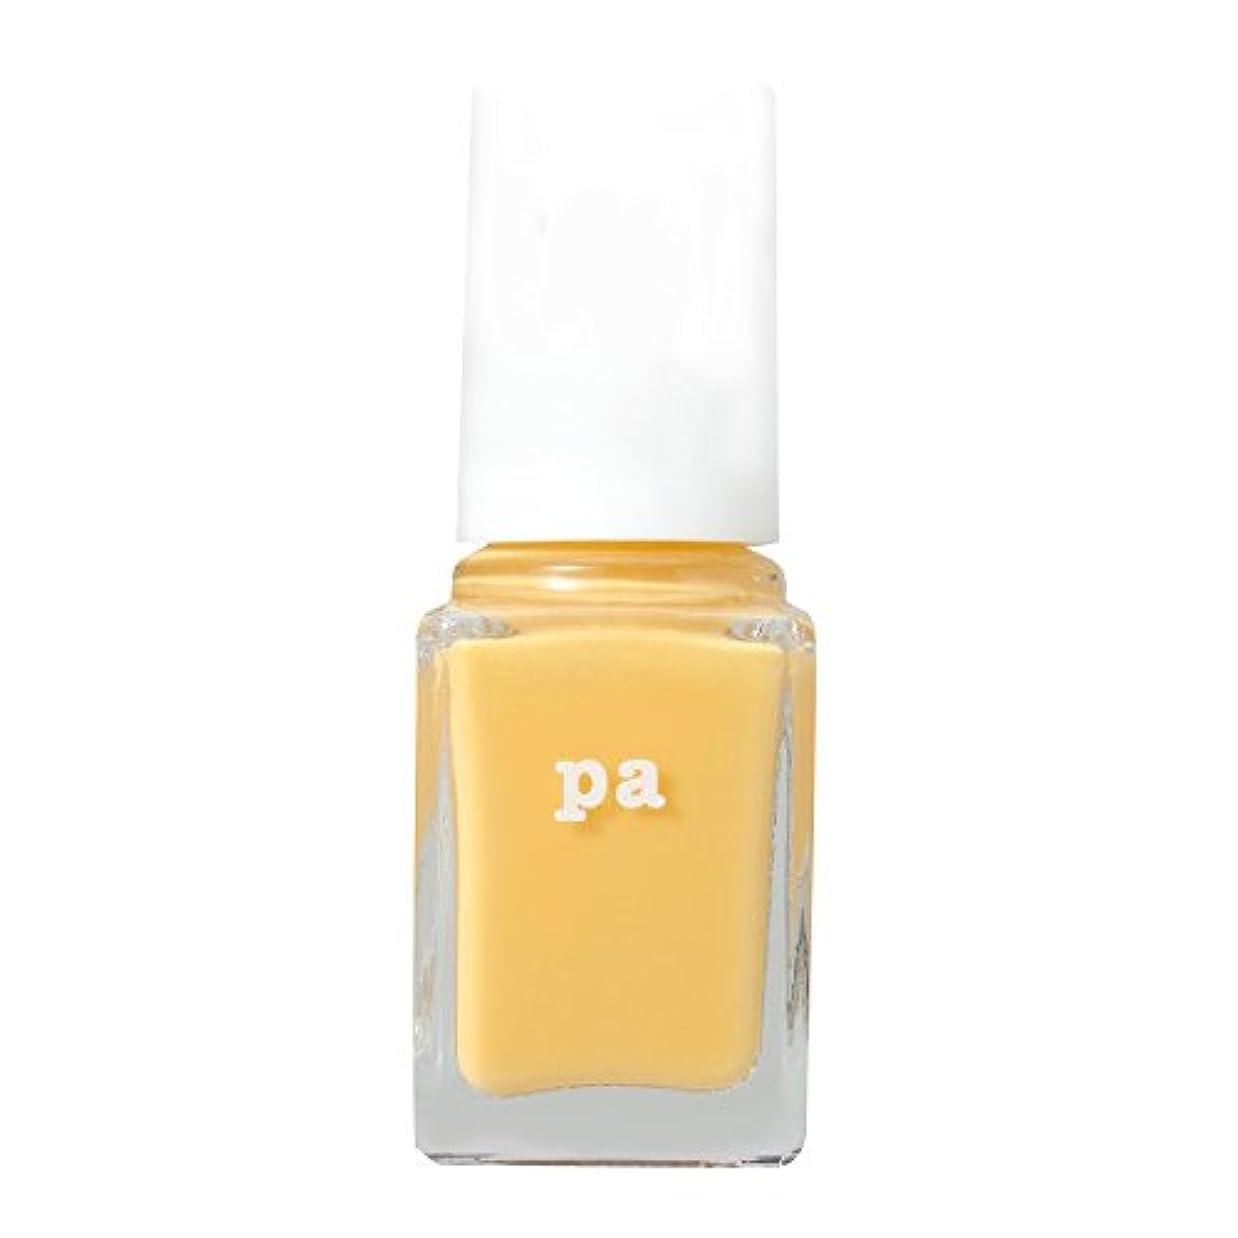 拮抗ウール部分的にpa ネイルカラー プレミア AA185 (6mL)